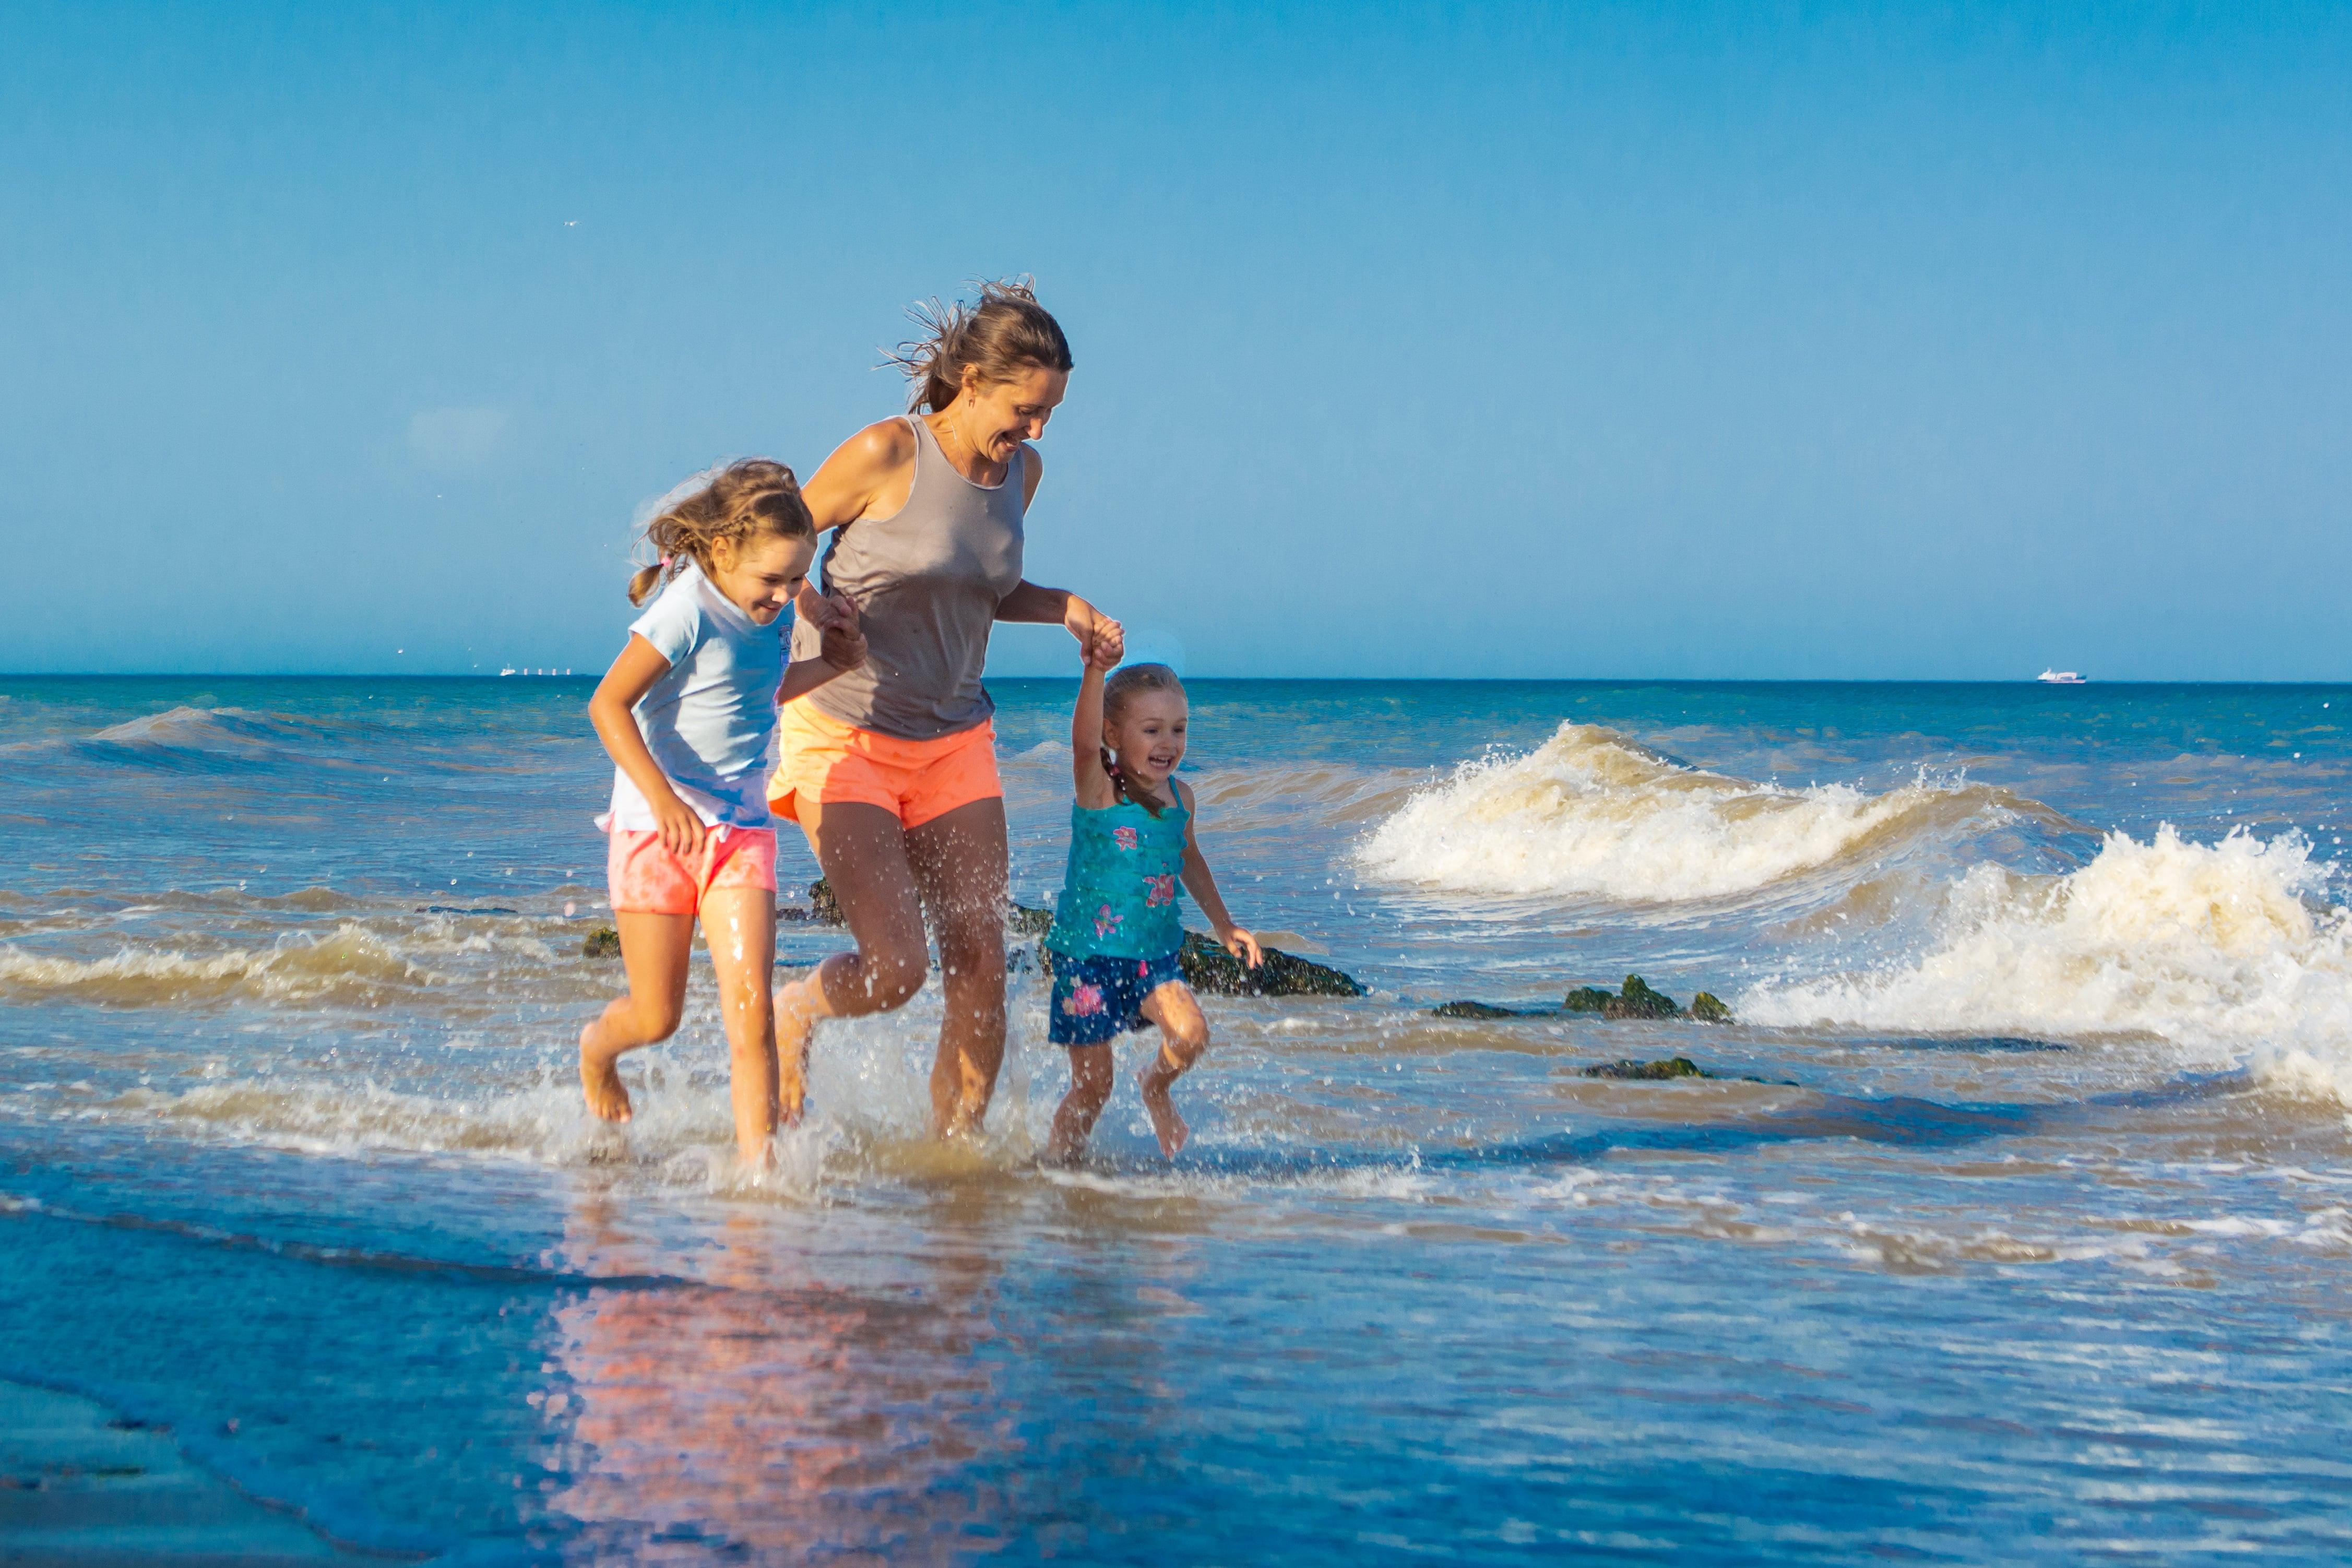 лучшее место для семейного отдыха с детьми -свой пляж Эко-дачи